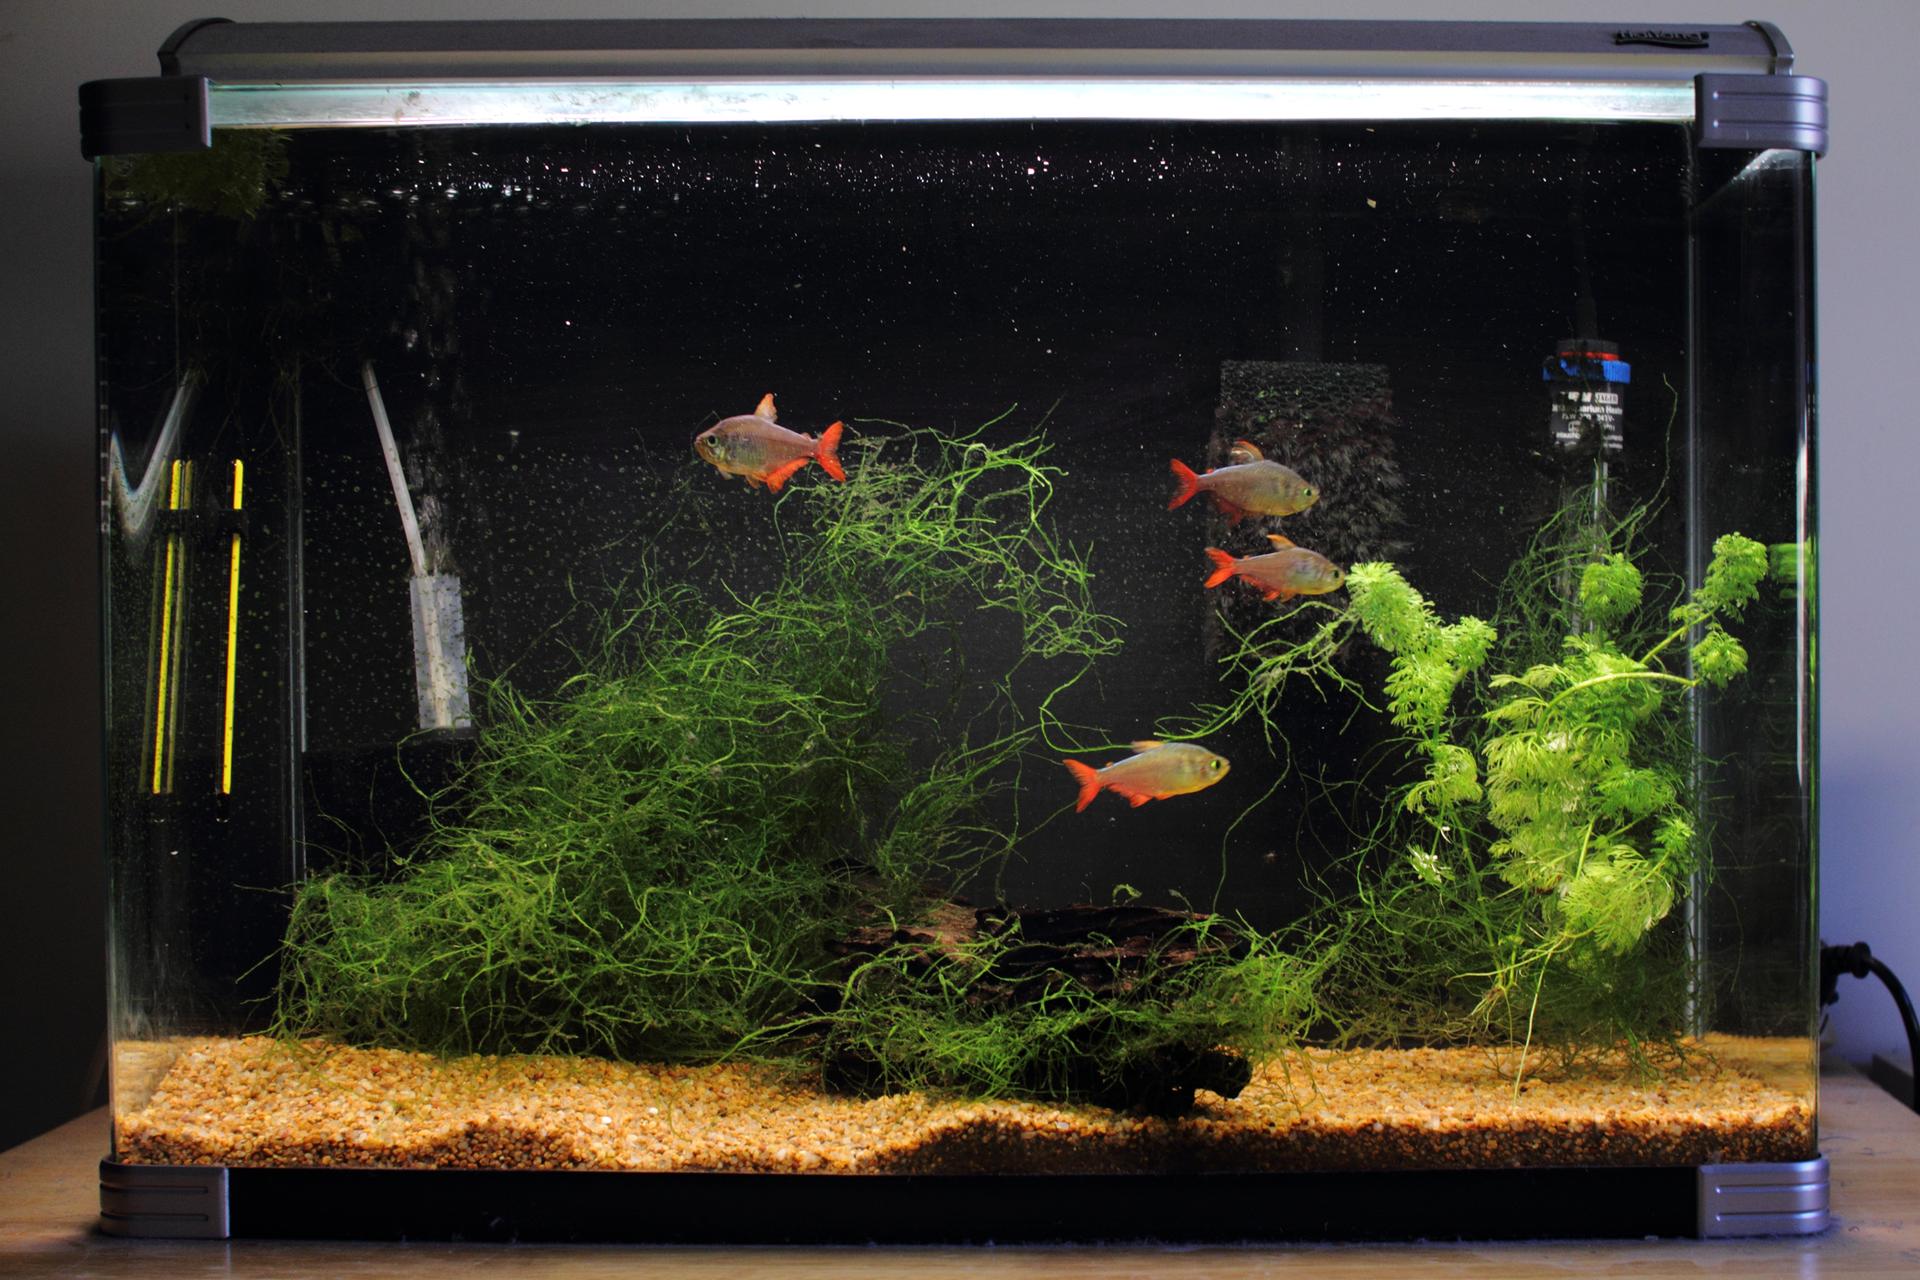 Fotografia przedstawia podświetlone akwarium. Zboku szare urządzenie napowietrzające. Na dnie piasek, kawałek kory, liczne splątane rośliny wodne. Między nimi pływają 4 rybki zczerwonymi płetwami iogonami. Akwarium to ekosystem sztuczny.